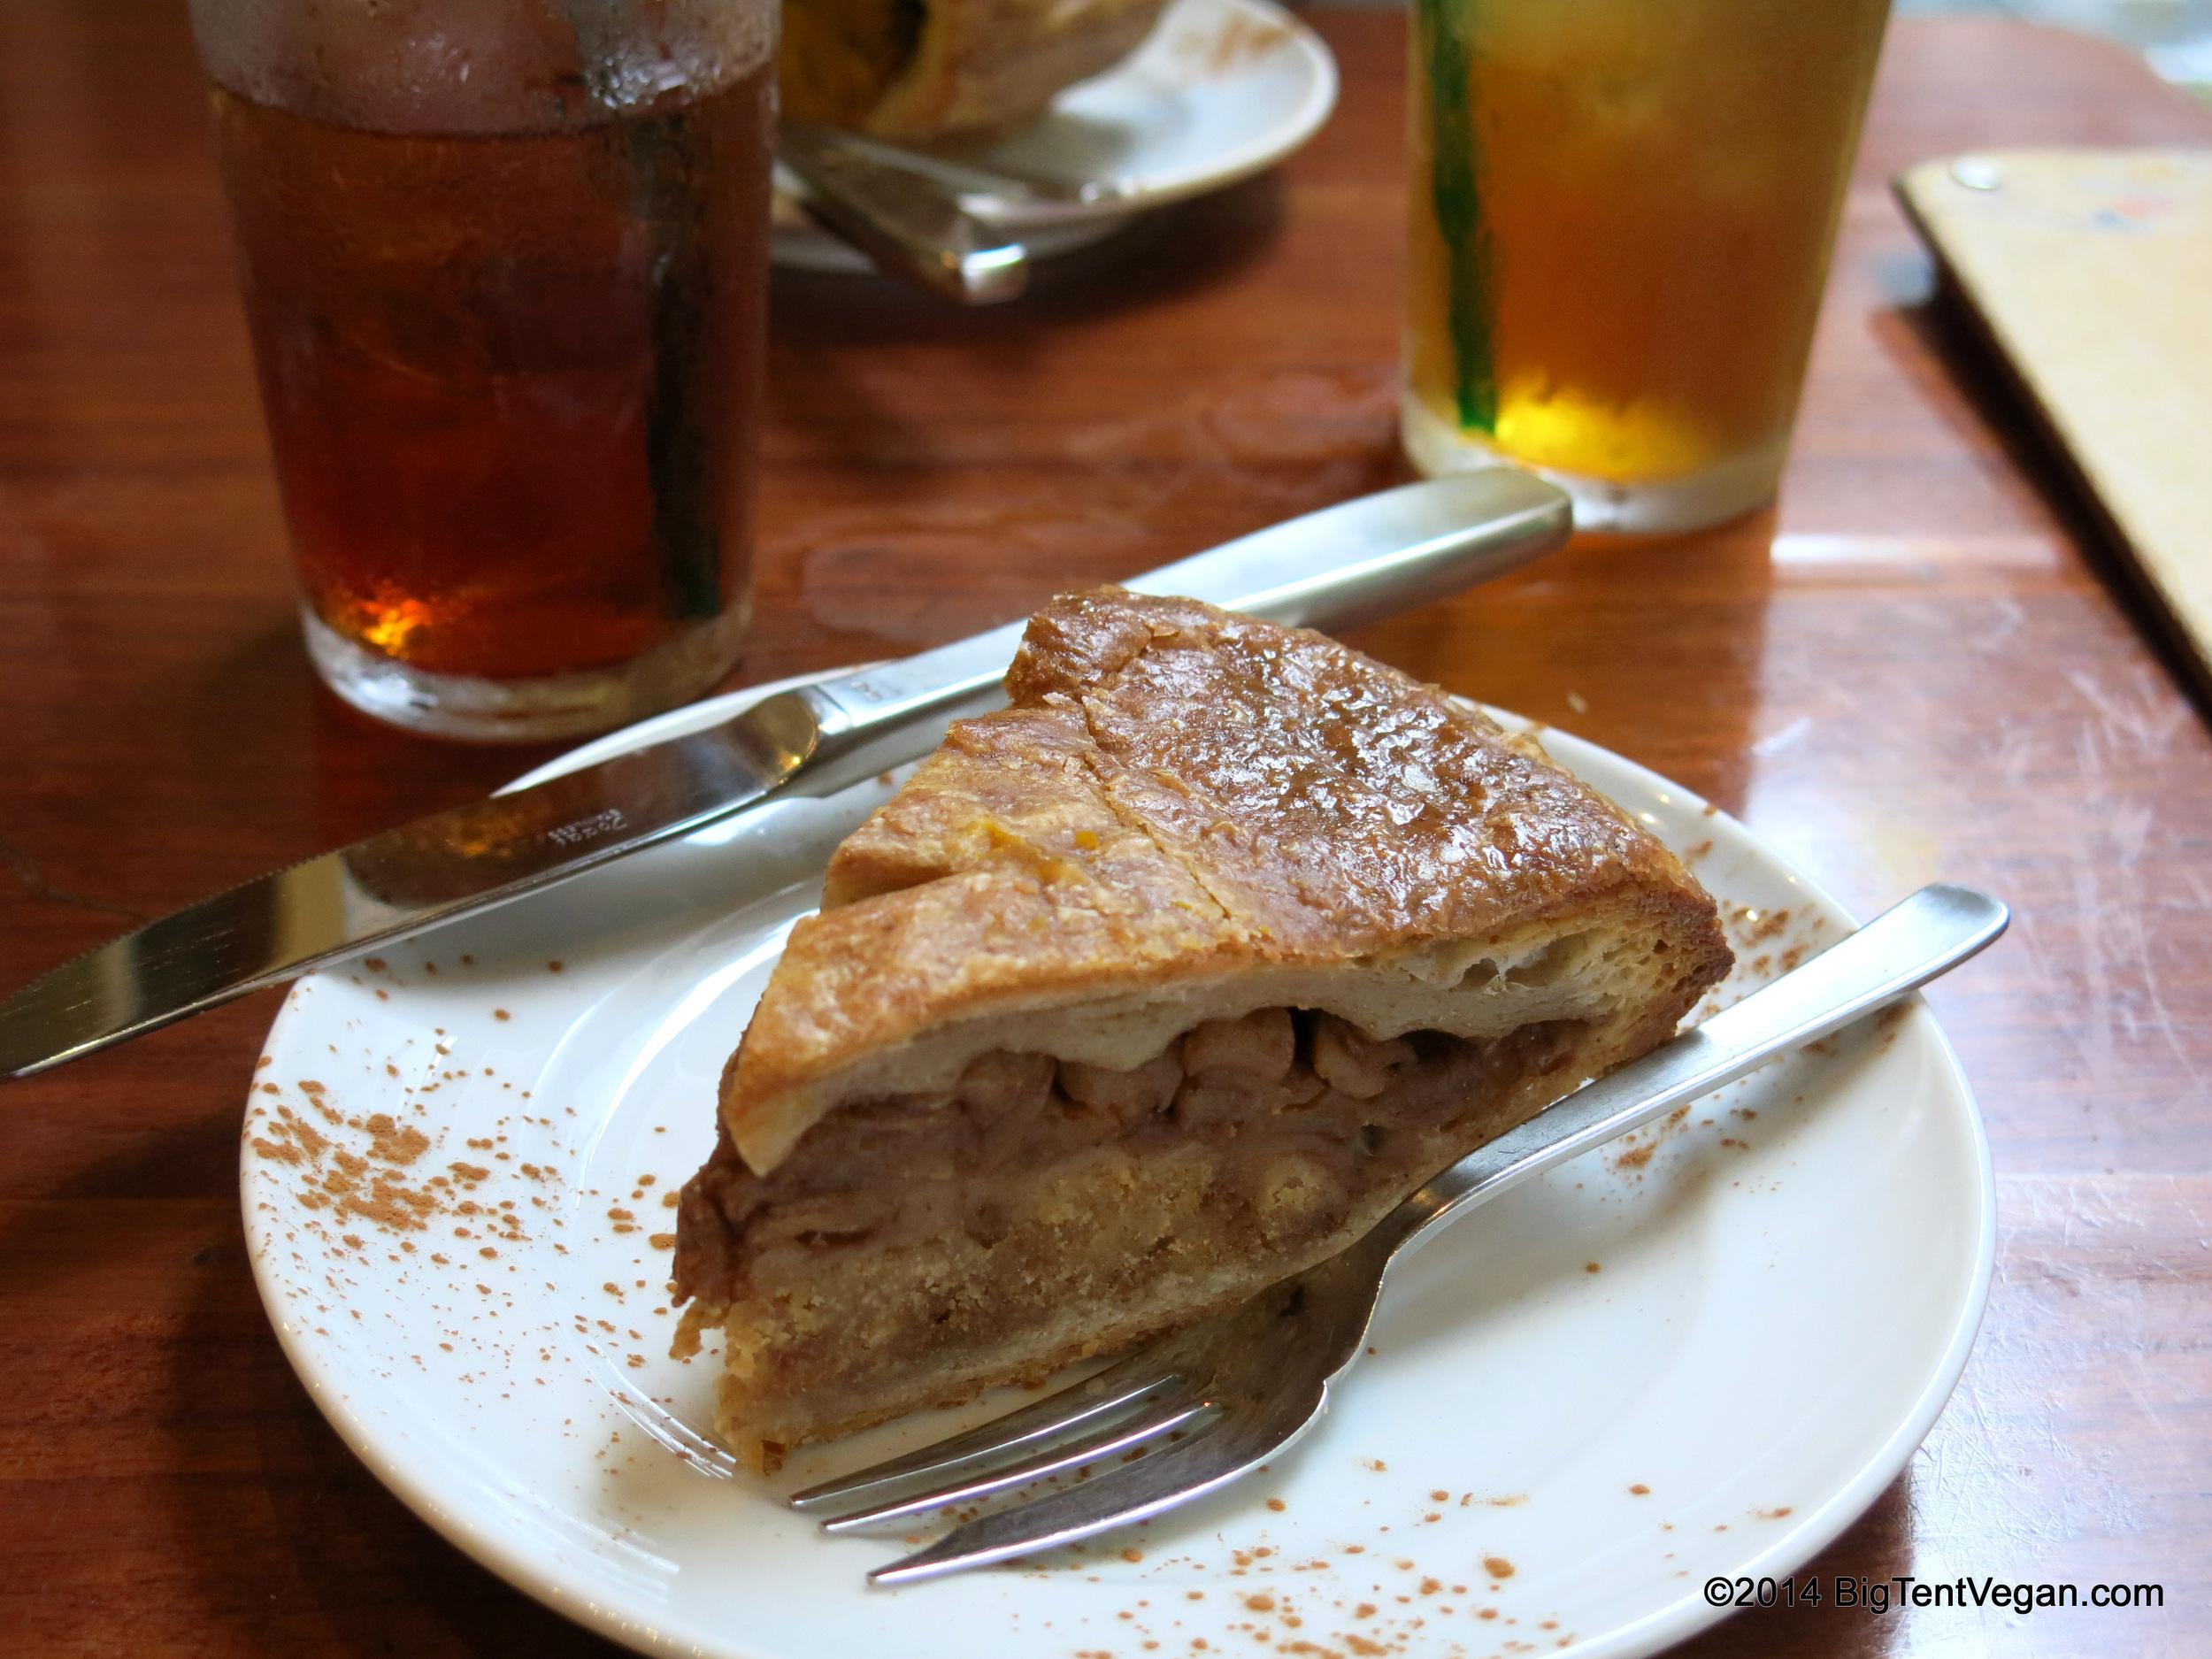 Vegan Apple Pie from Eat More Greens (100% vegetarian and very vegan-friendly restaurant in Tokyo, Japan)